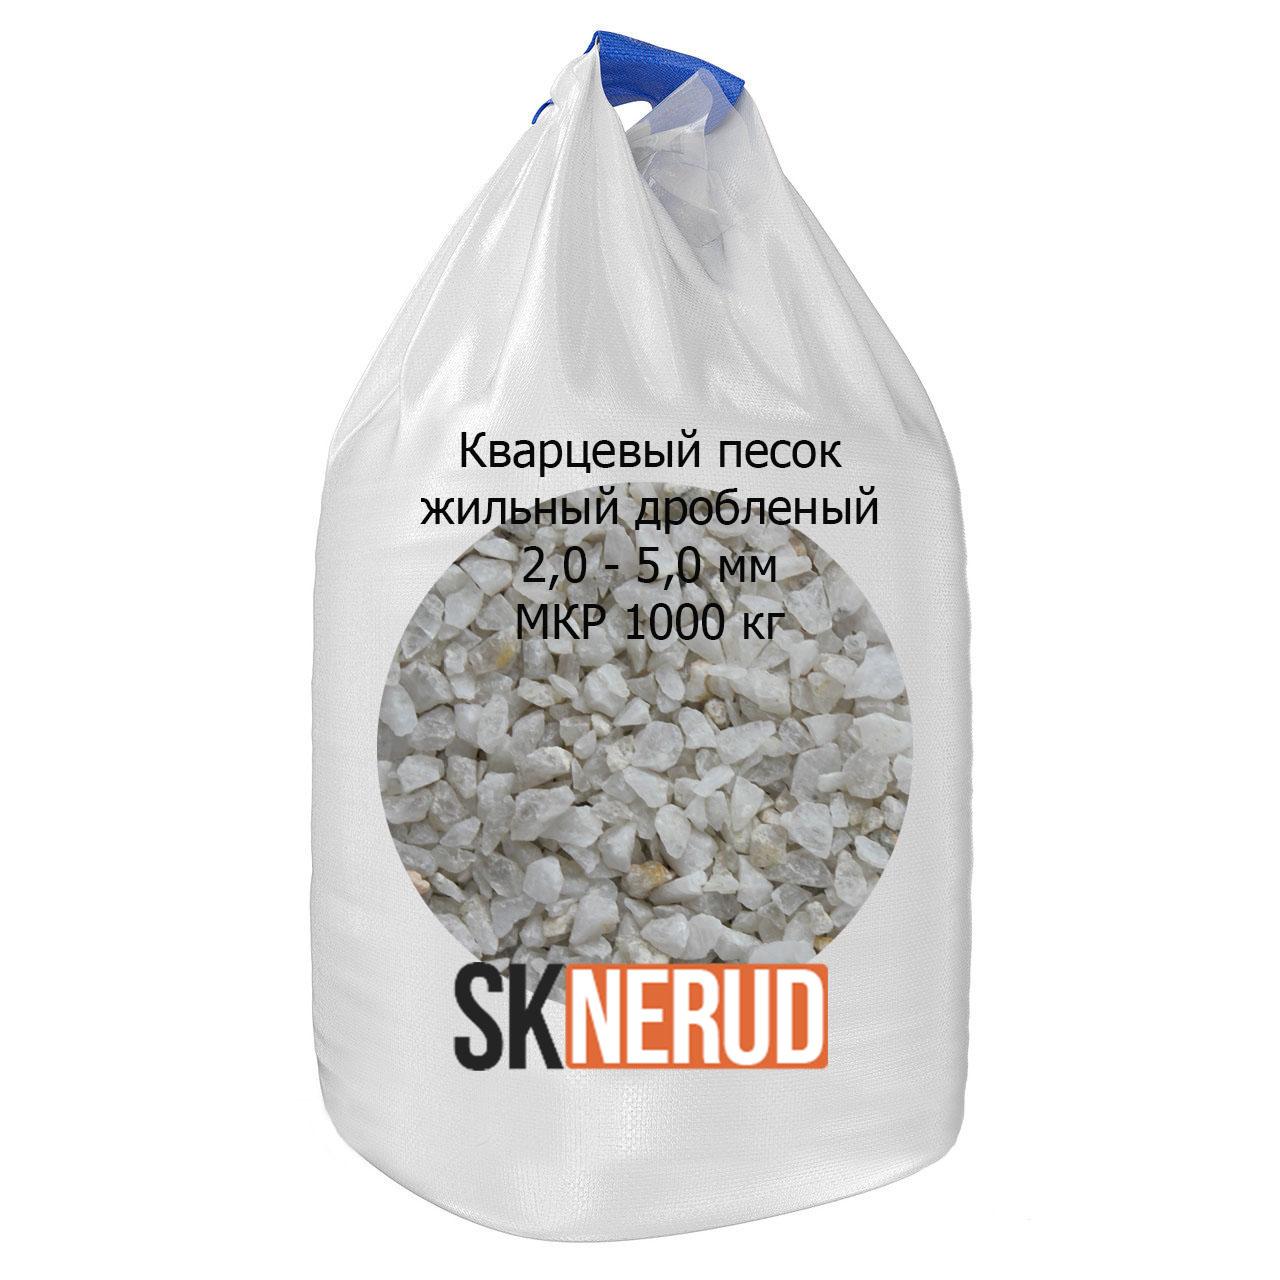 Кварцевый песок дробленый 2,0-5,0 мм в МКР